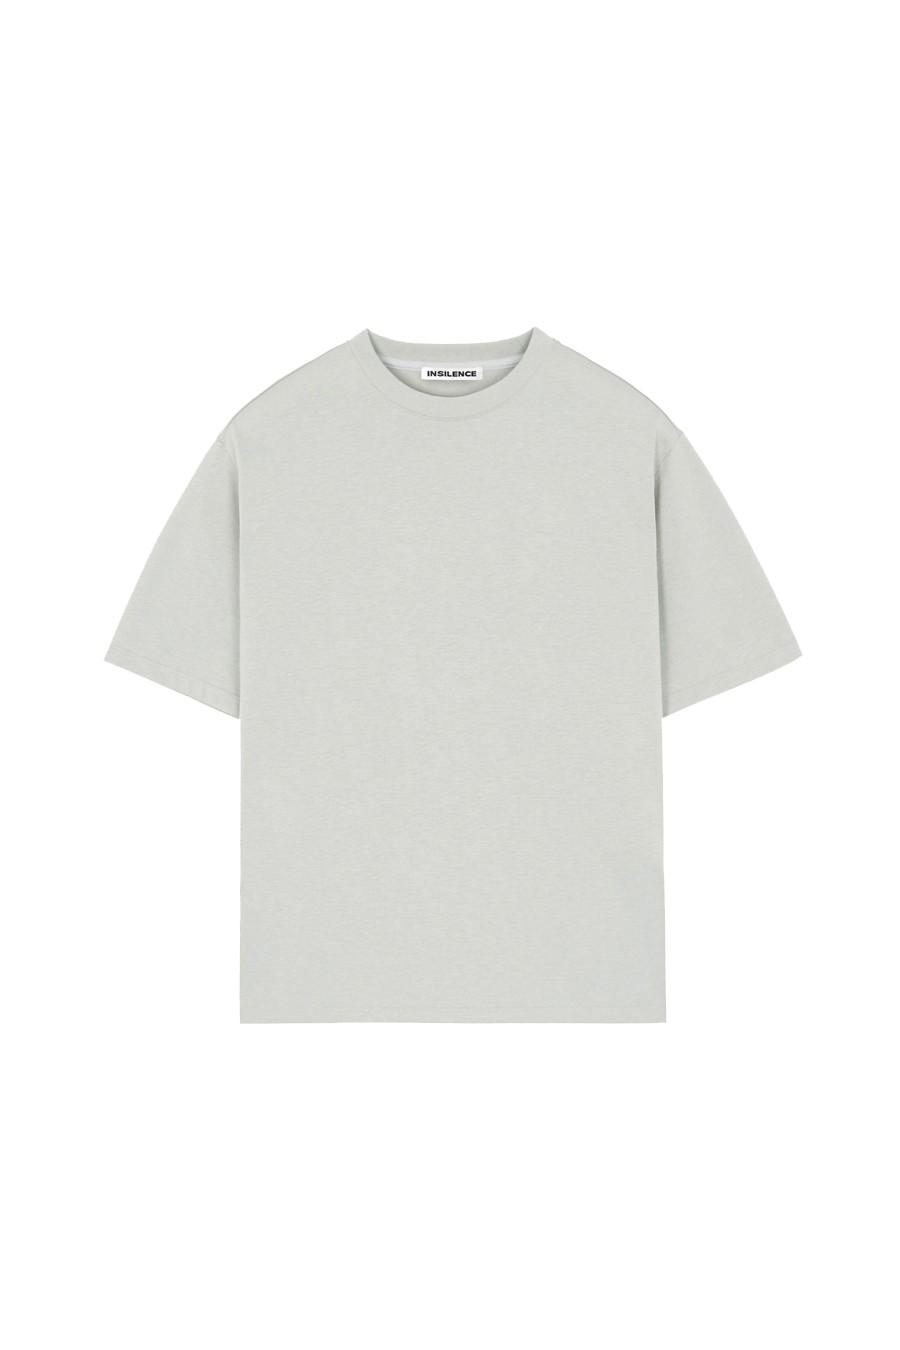 인사일런스(IN SILENCE) 수피마 코튼 프리미엄 티셔츠 MINT GREY